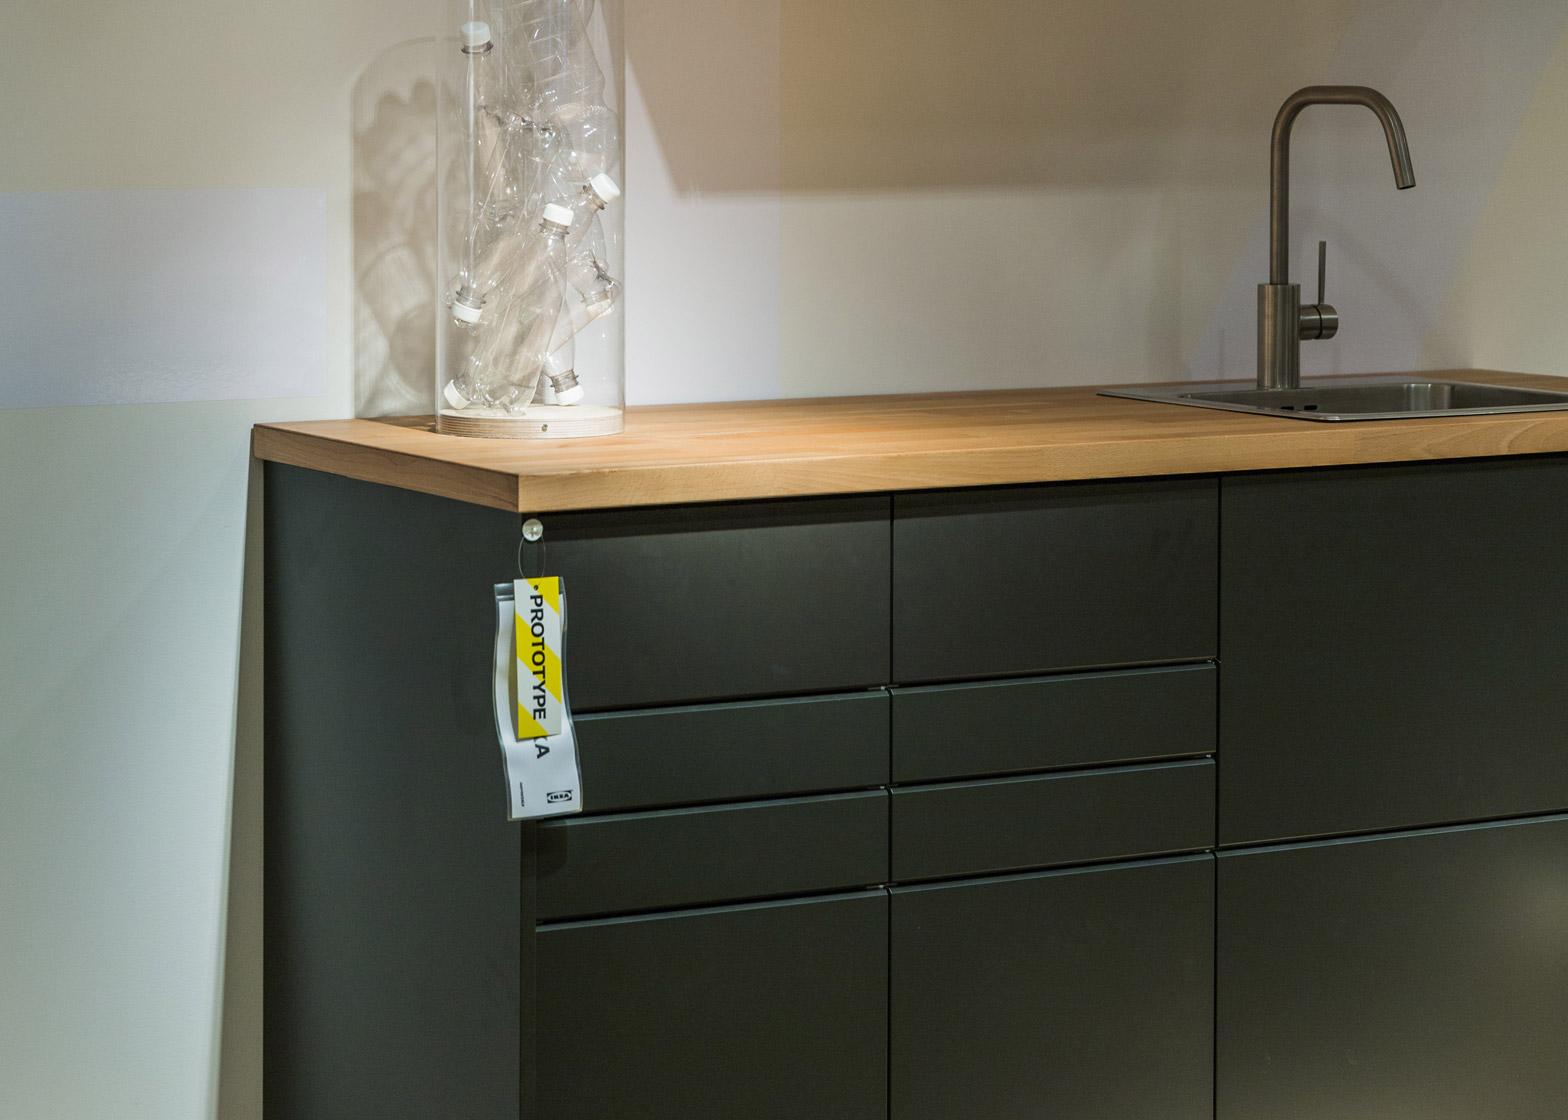 Ikea - móveis reciclados